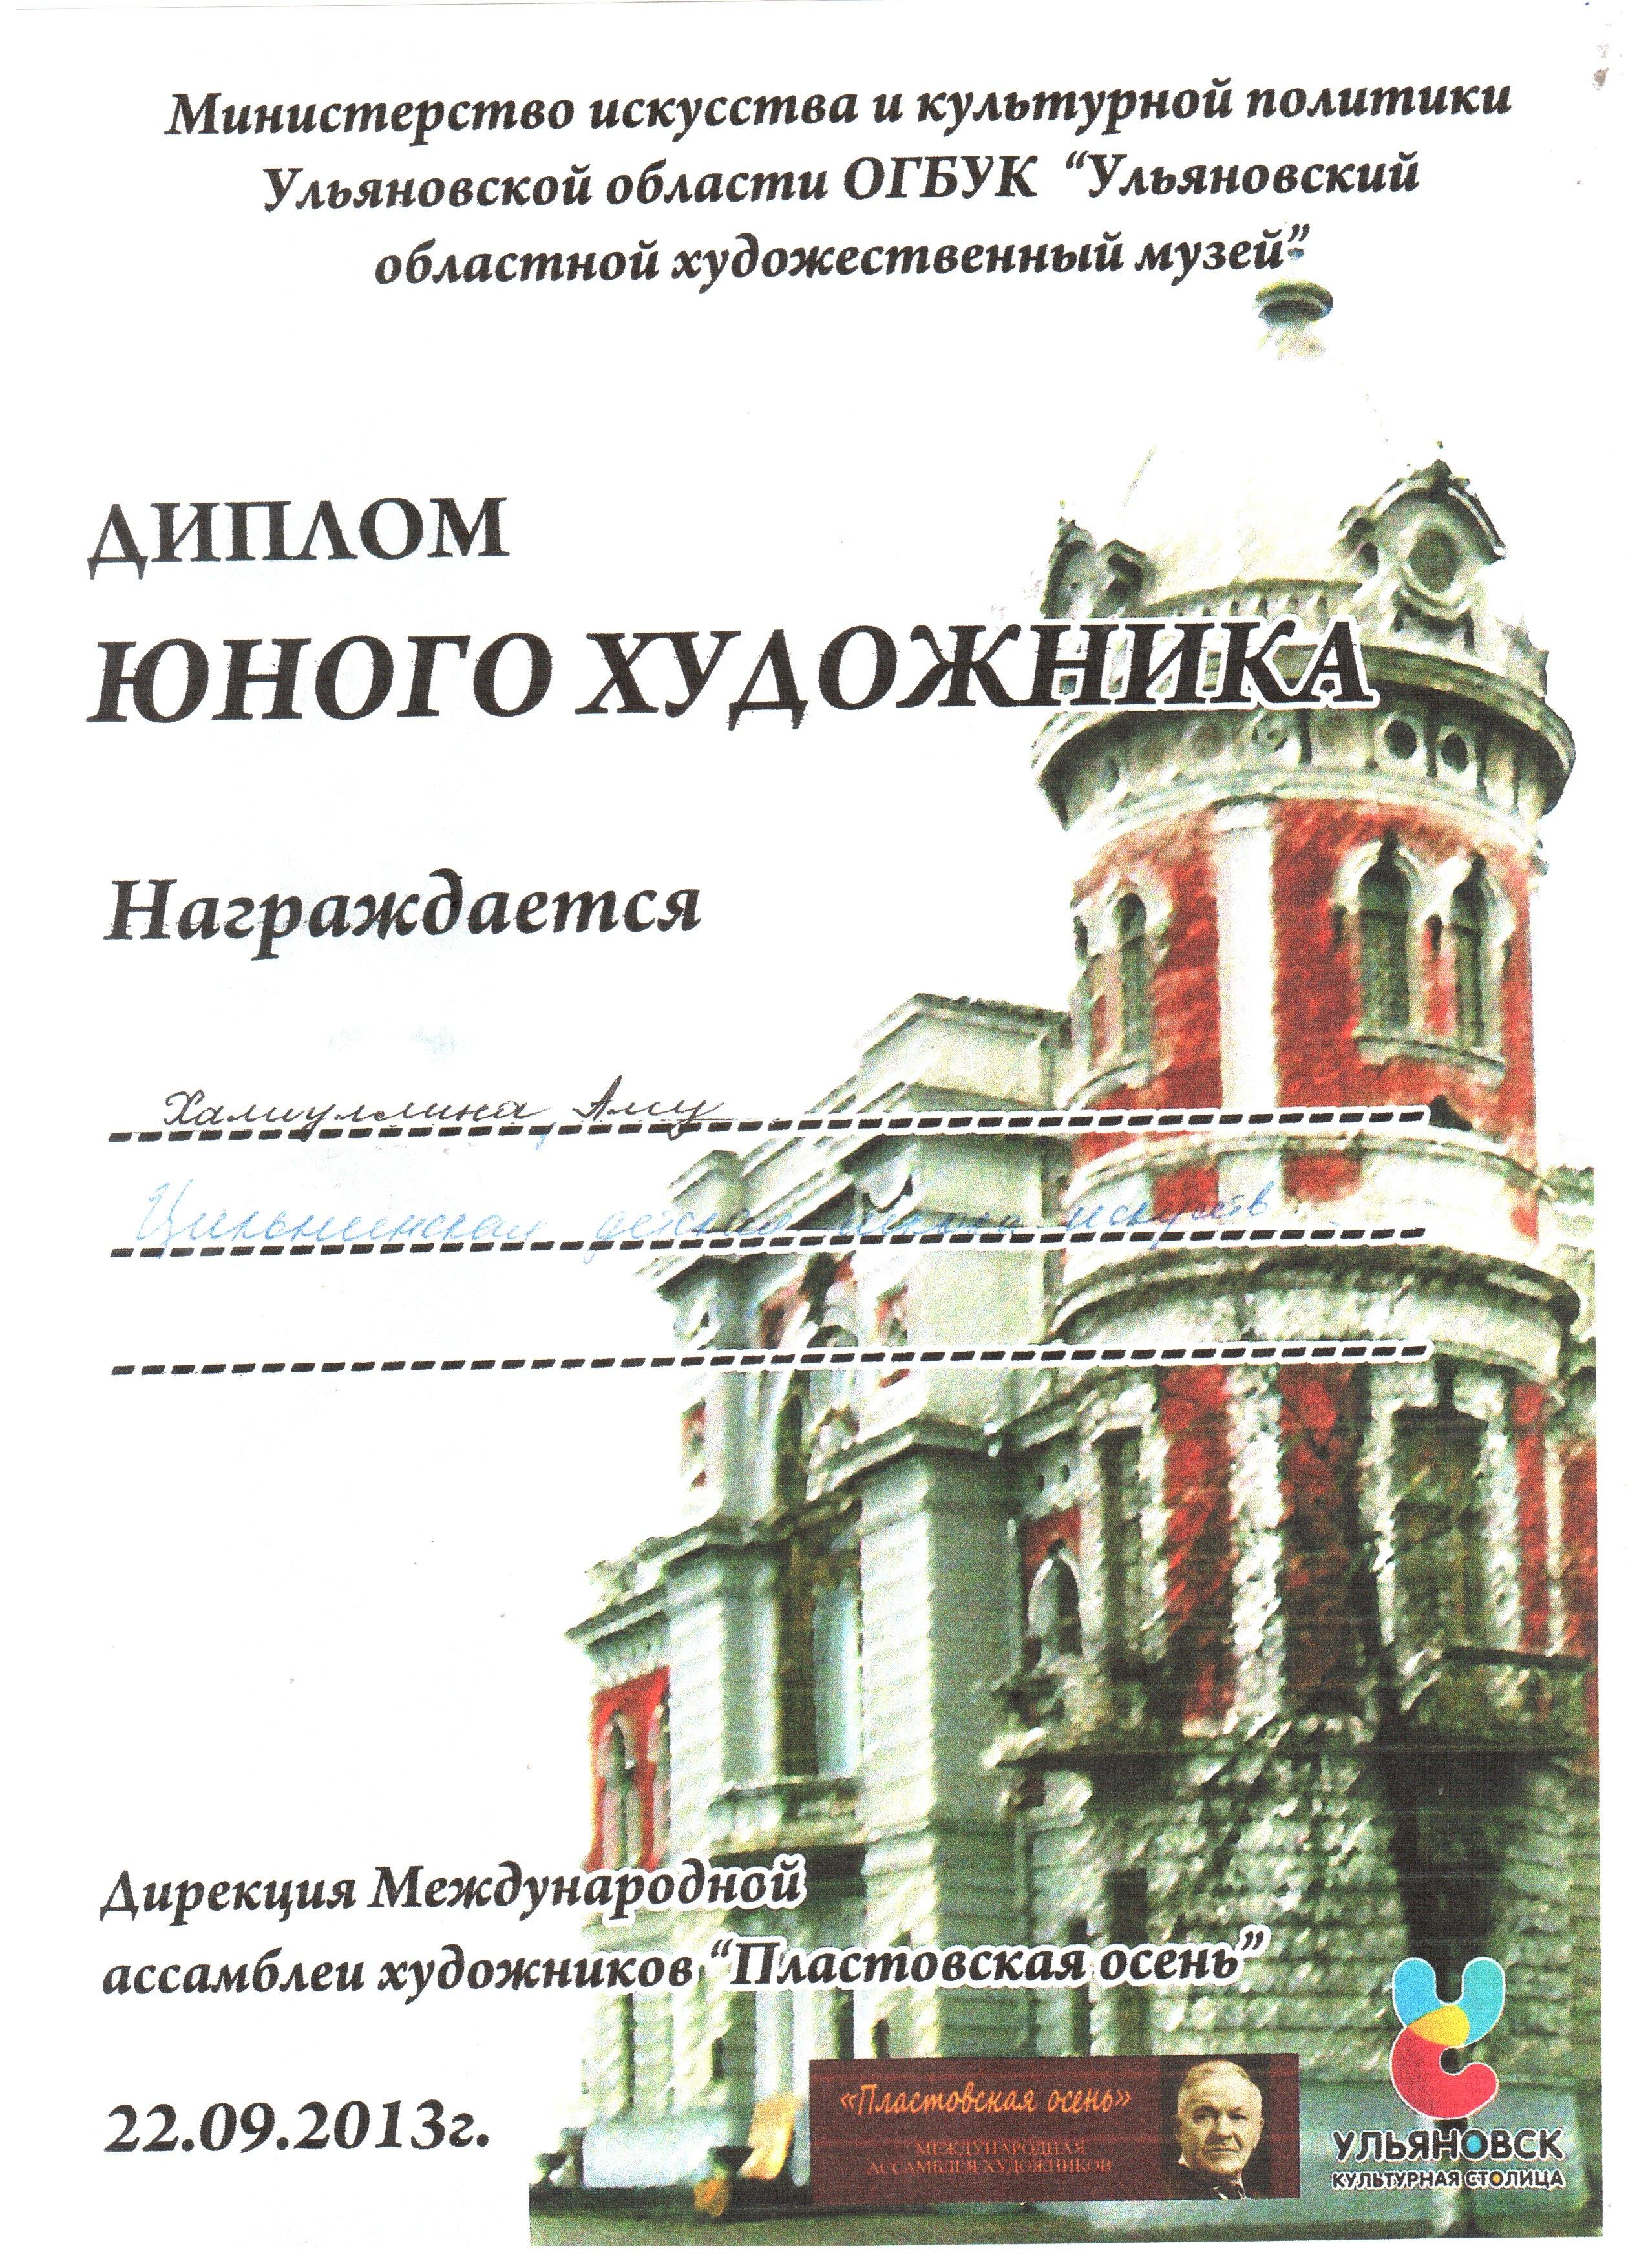 Диплом юного художника у Халиуллиной Алсу Ноября  Диплом юного художника у Халиуллиной Алсу